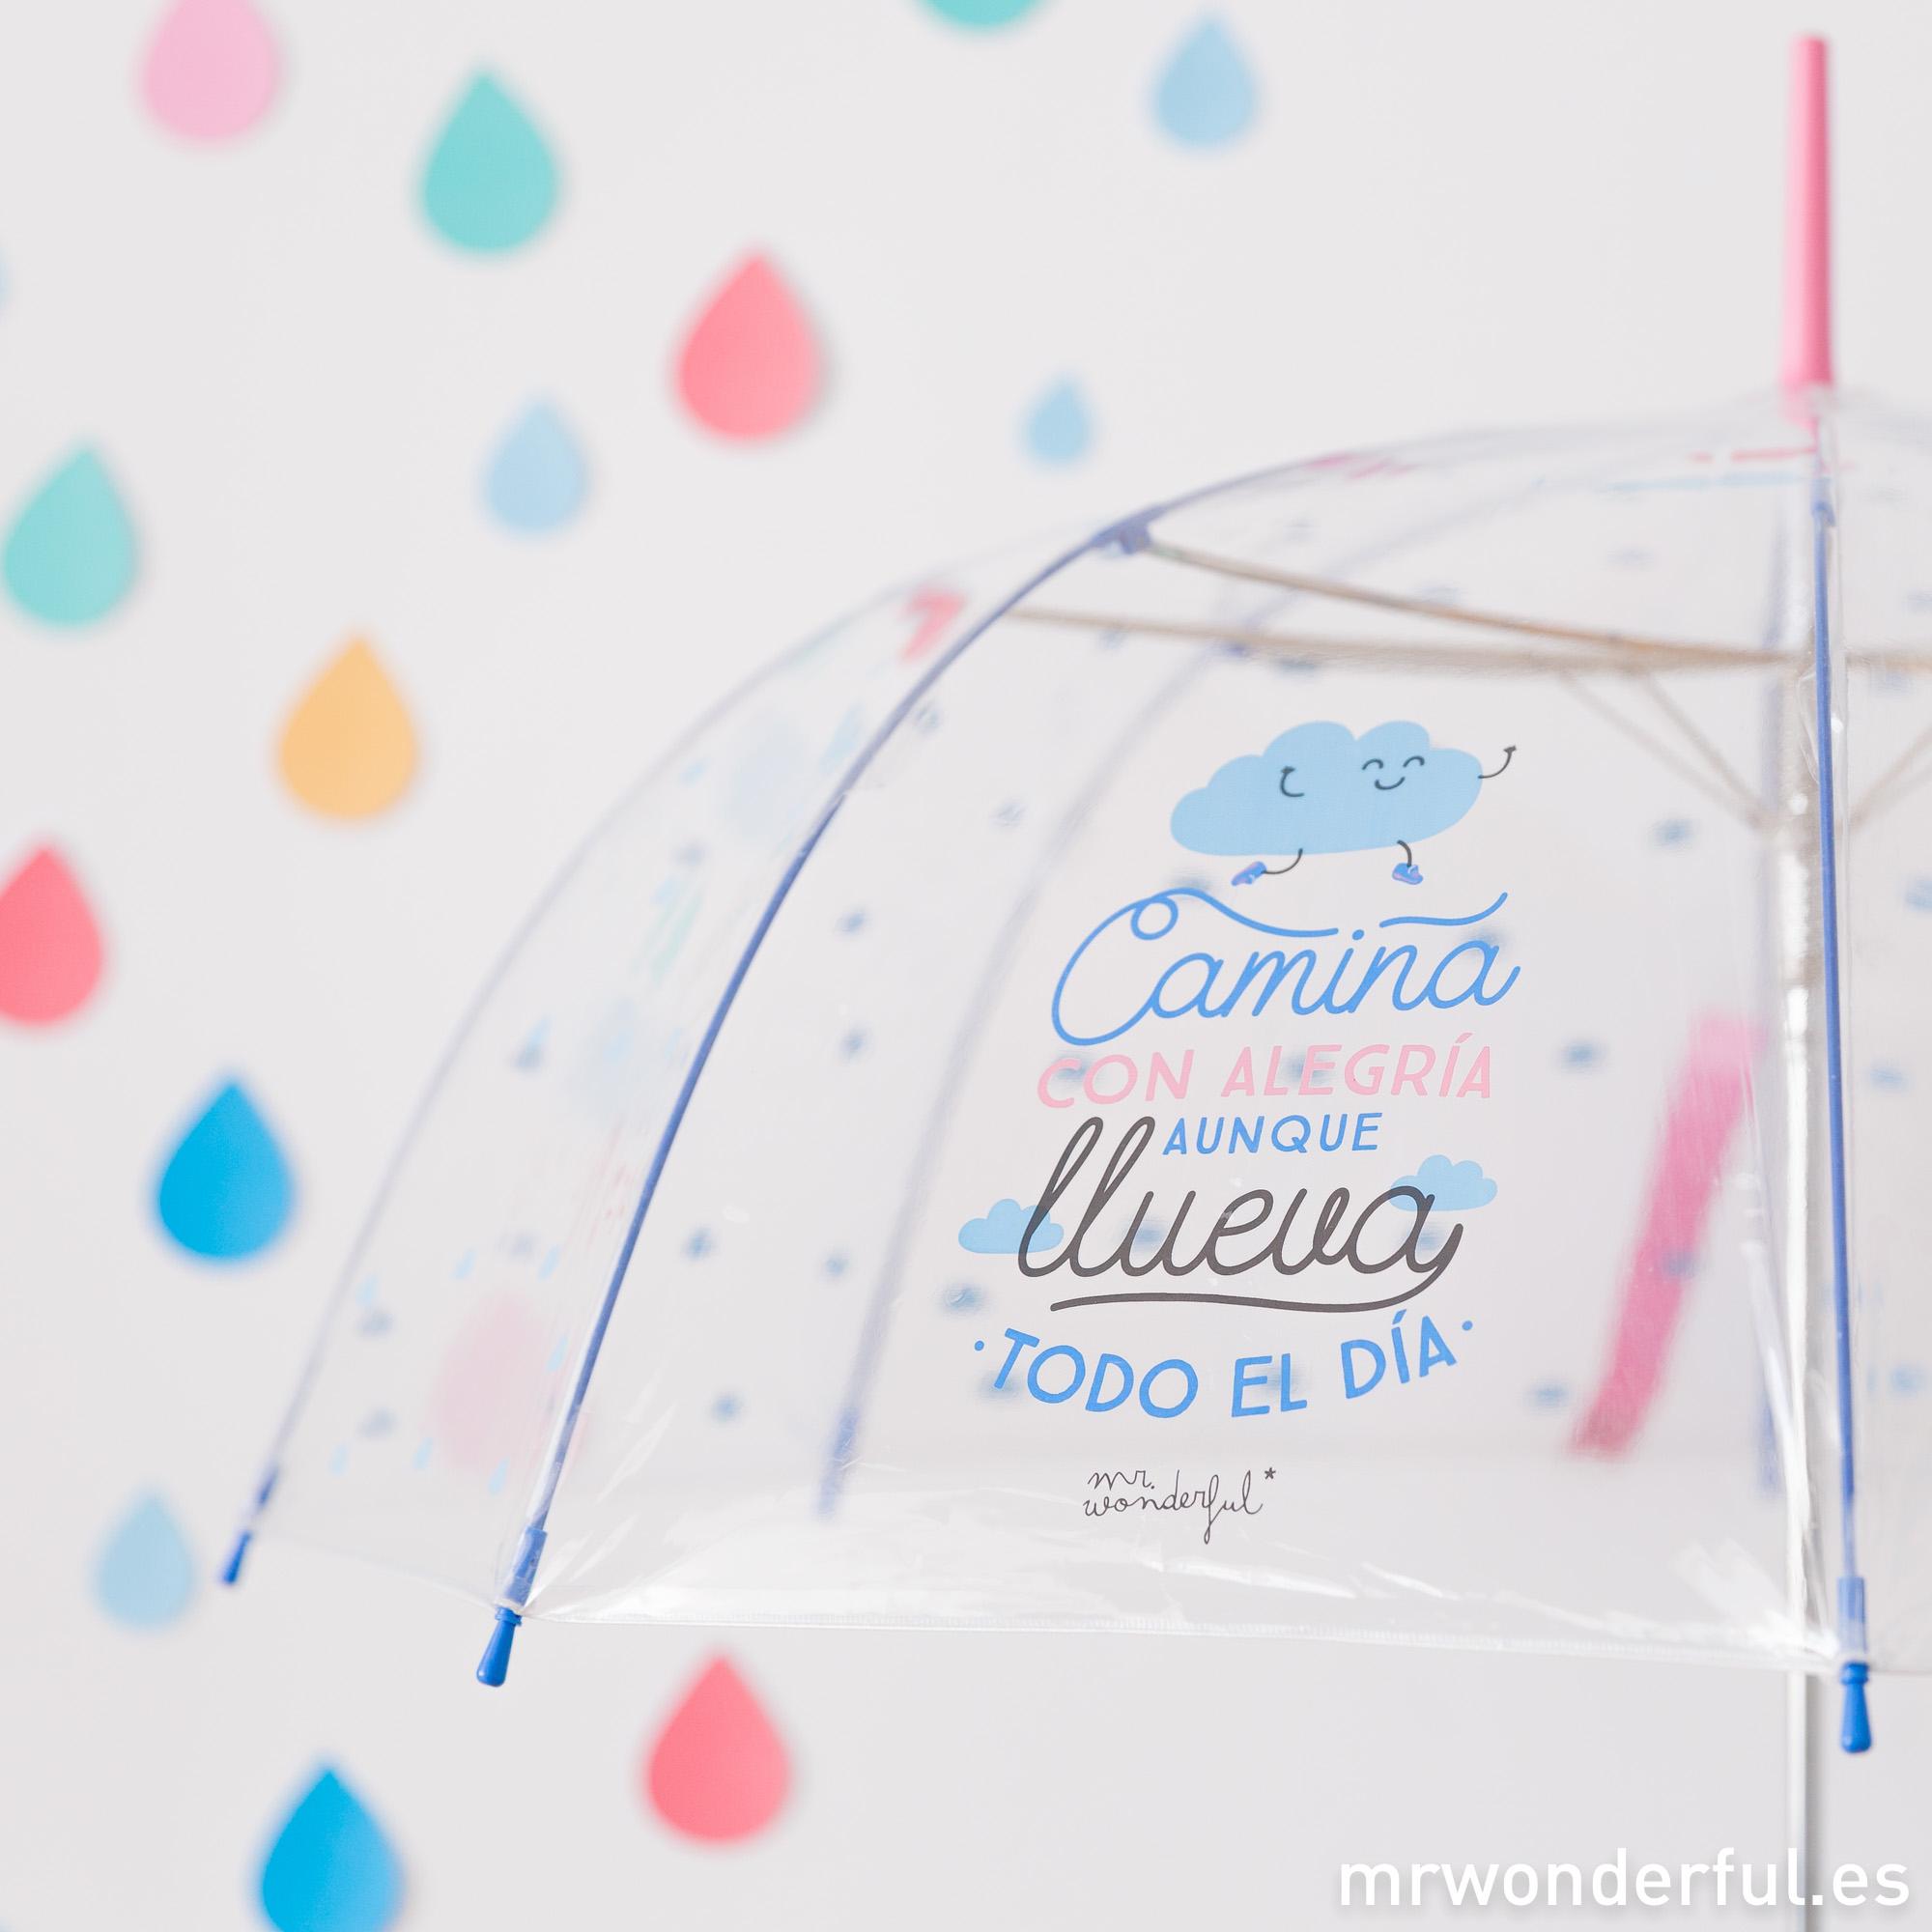 mrwonderful_8435460706834_paraguas_camina-con-alegria-aunque-llueva-todo-el-dia-ES-2